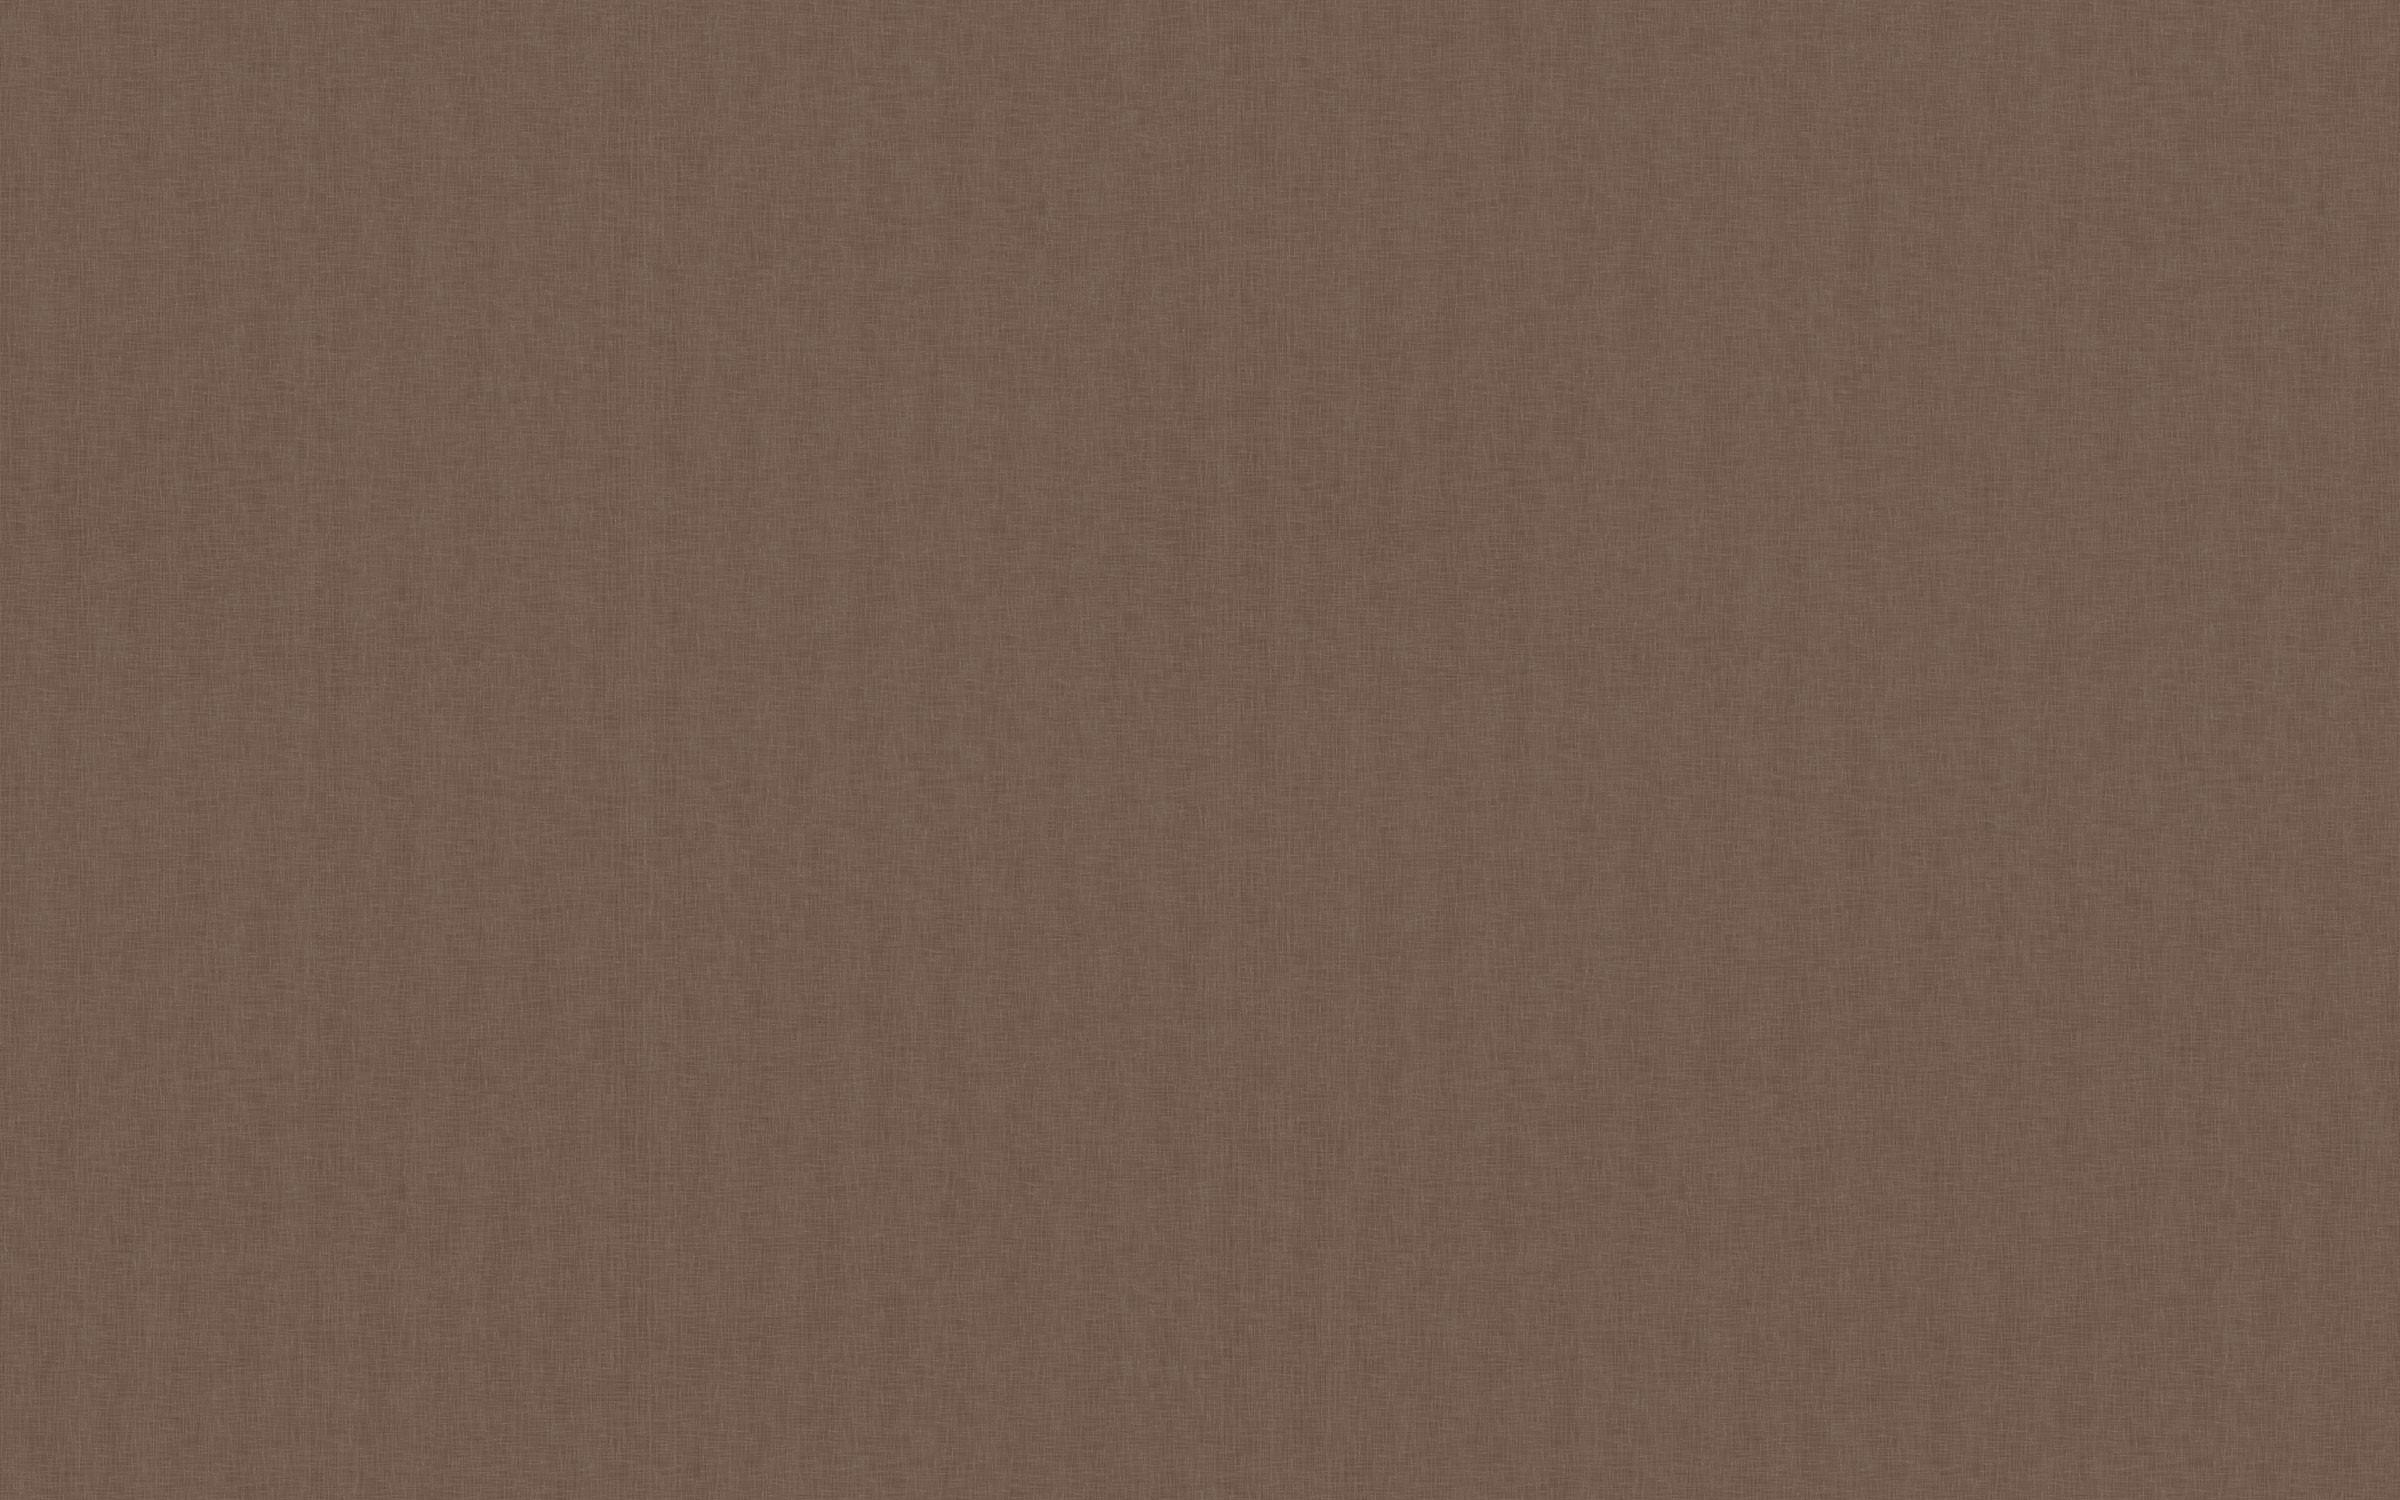 4989 Ruggen Linen - Wilsonart